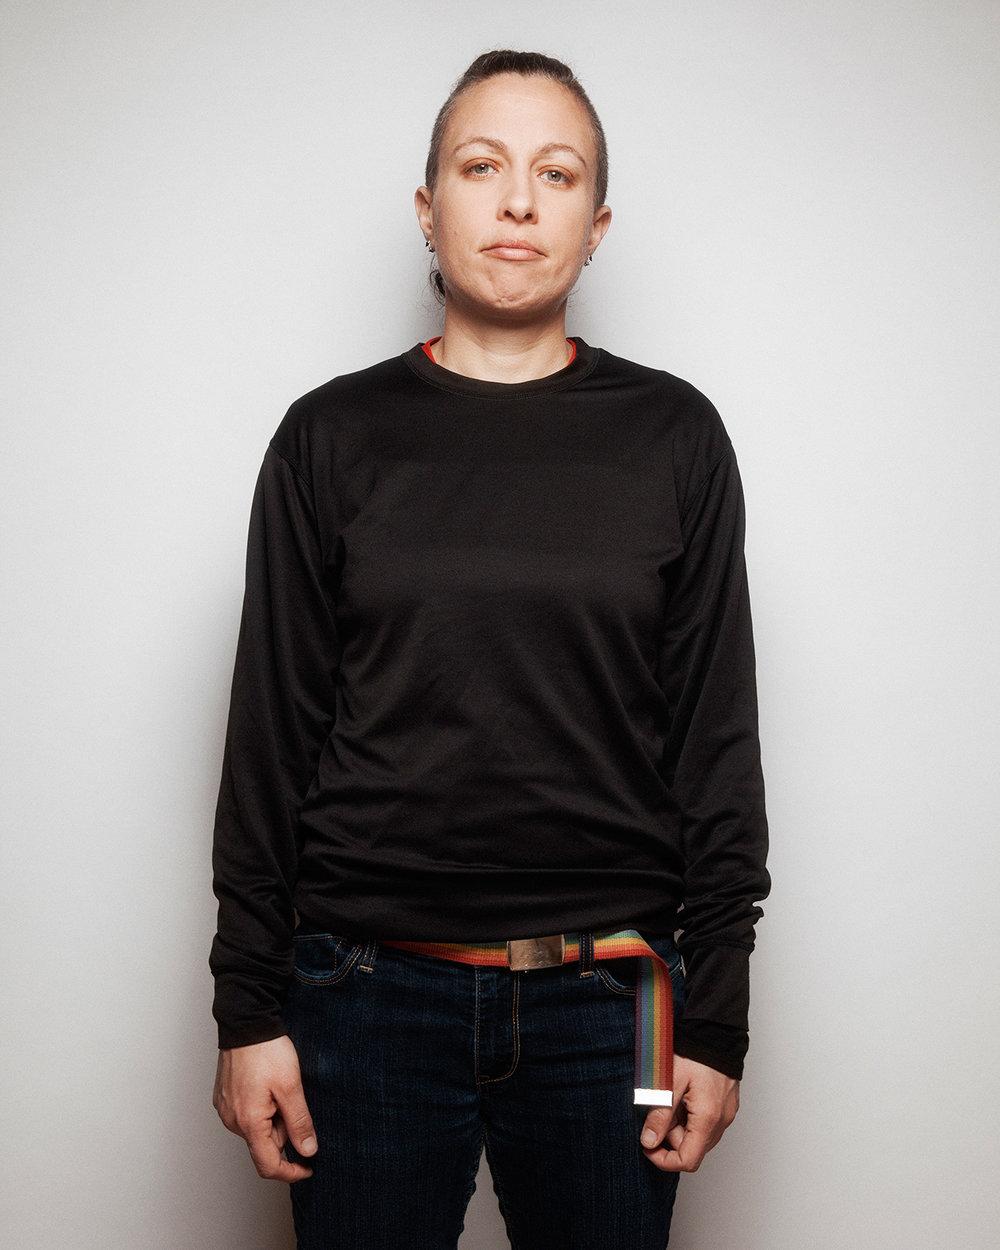 Jessica Allier-Lopez